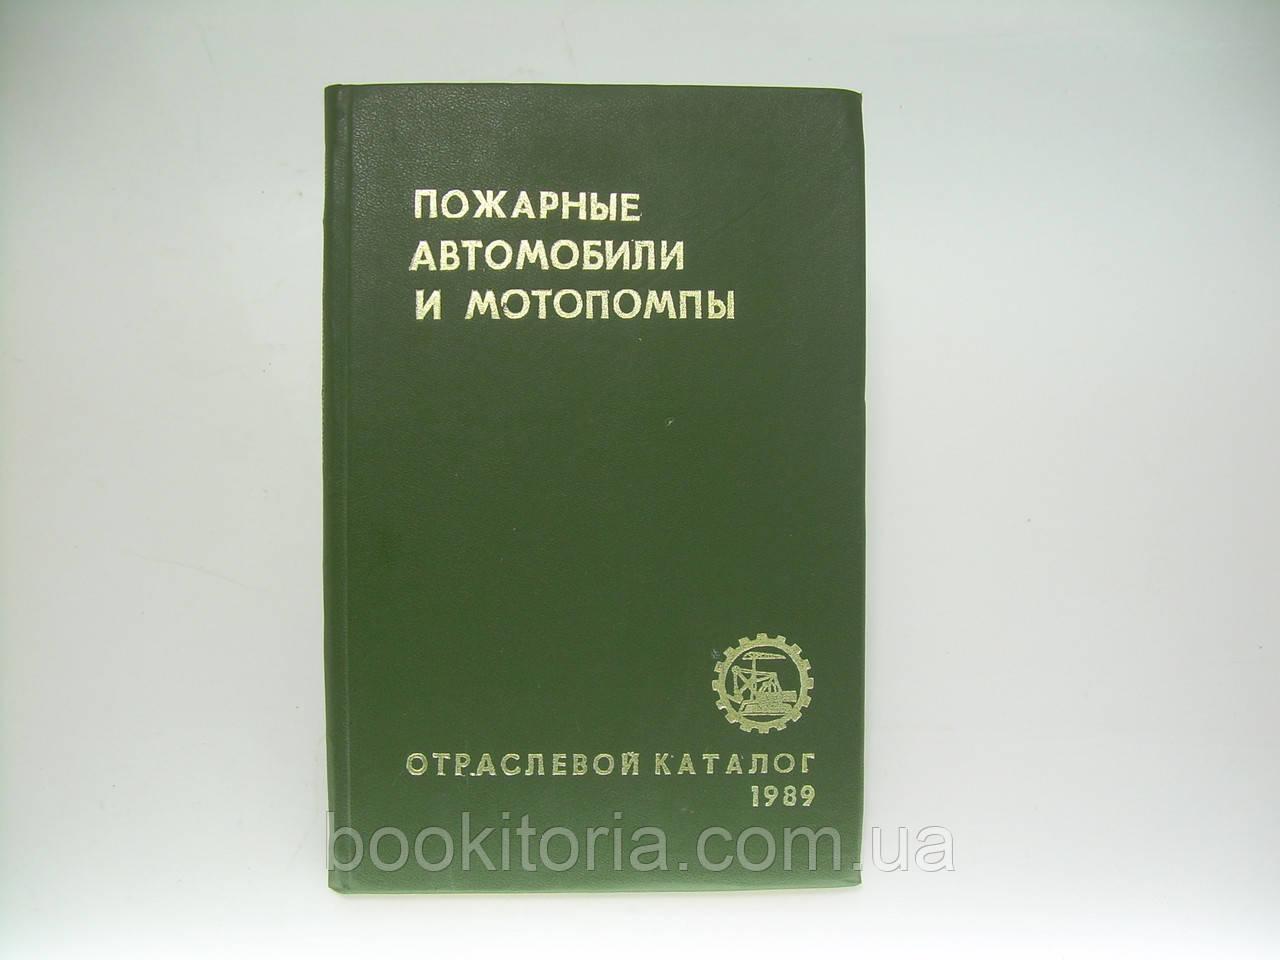 Пожарные автомобили и мотопомпы (б/у).